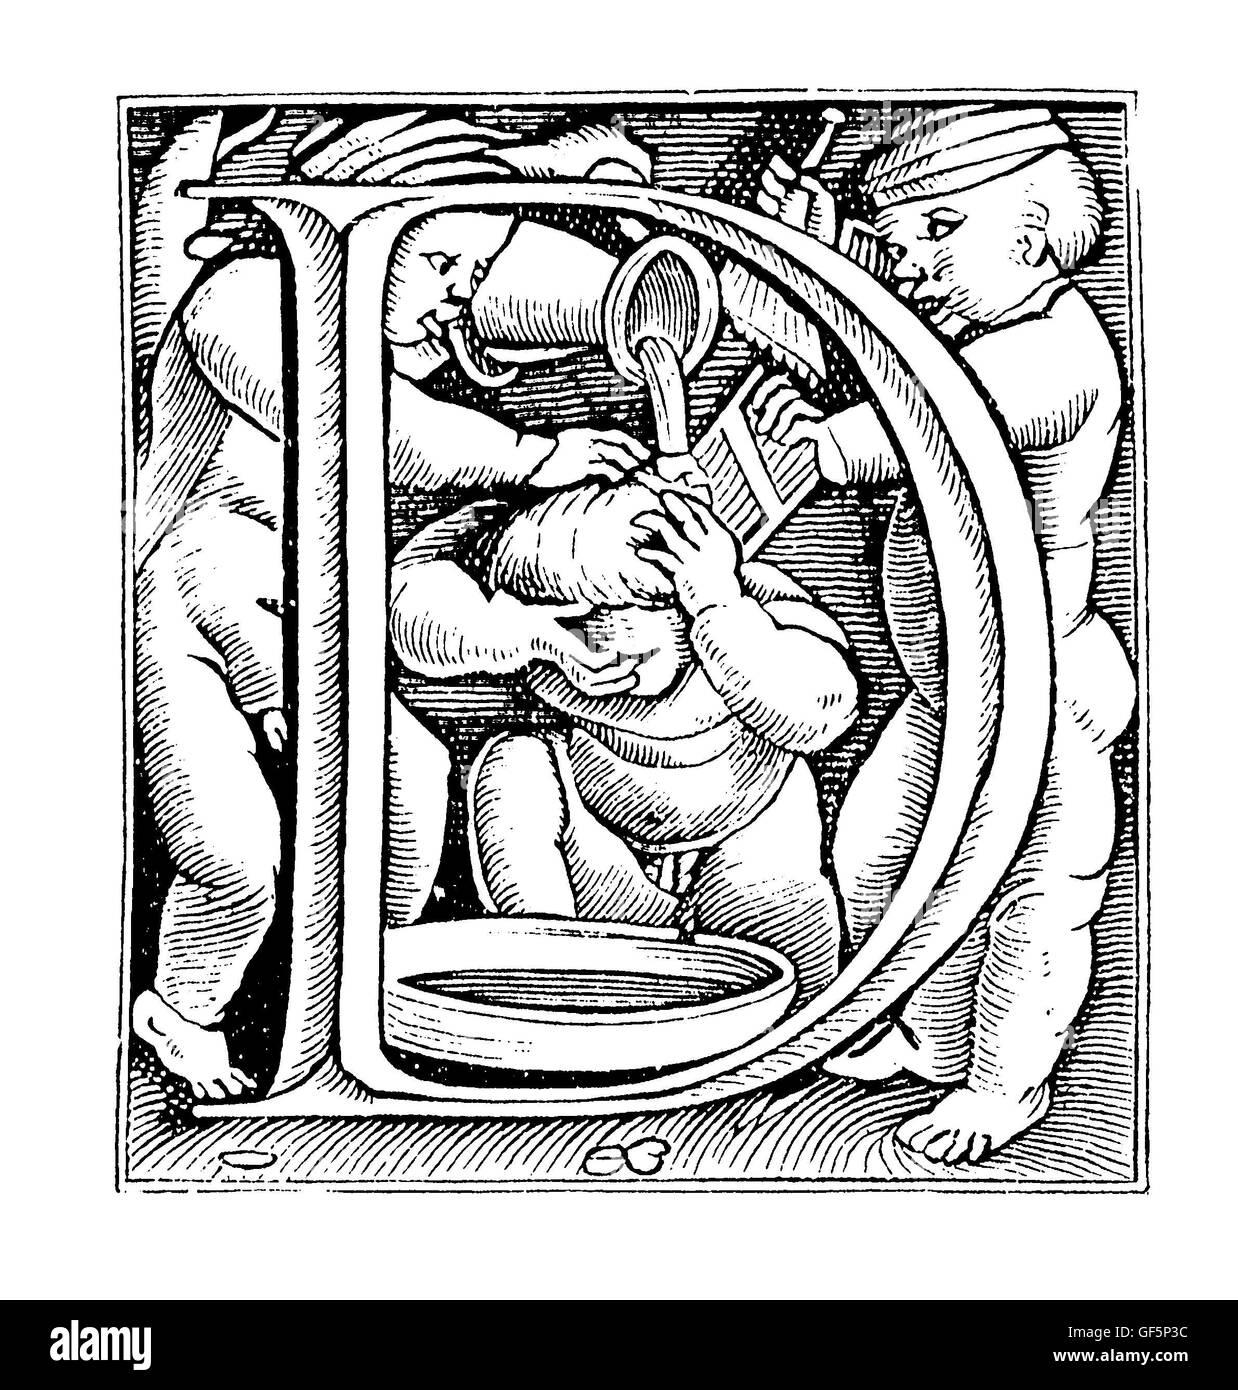 """Lettera oscillante D. 'Slavare"""" erano chiamati i grandi decorate le iniziali maiuscole usate in buona tipografia Immagini Stock"""